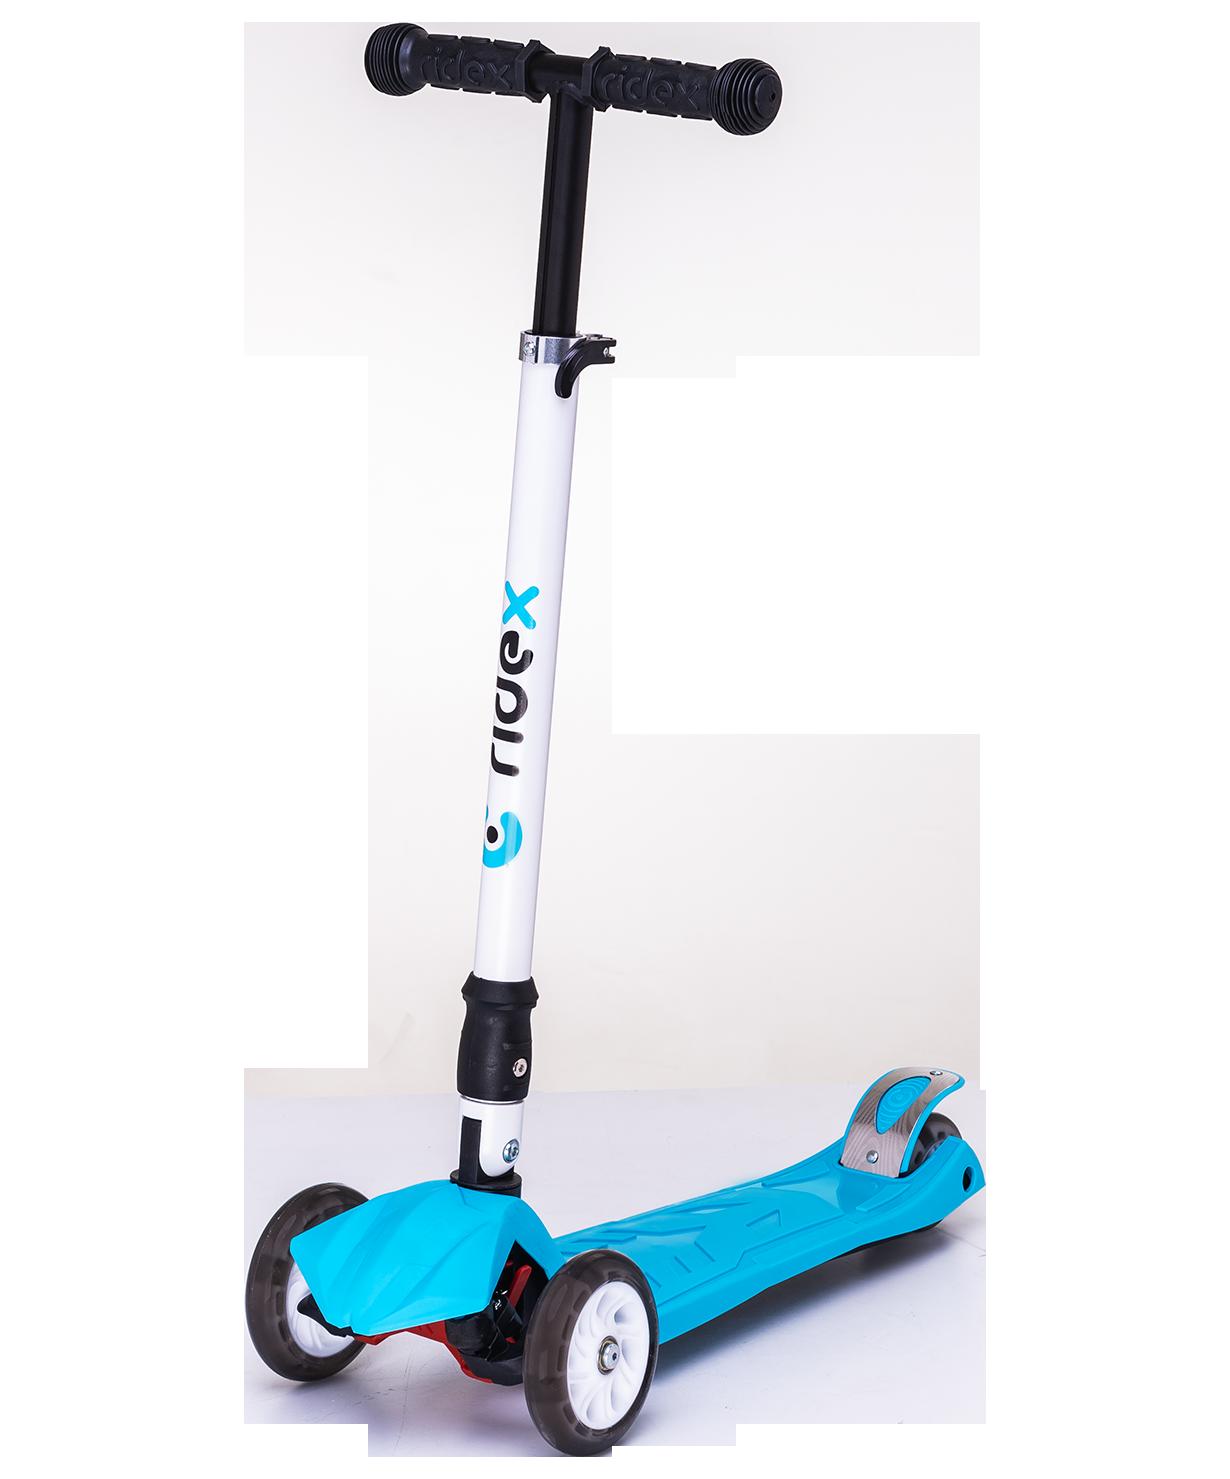 Купить Трёхколёсный самокат Ridex Smart 3D детский синий складной со светящимися колёсами, Самокаты детские трехколесные